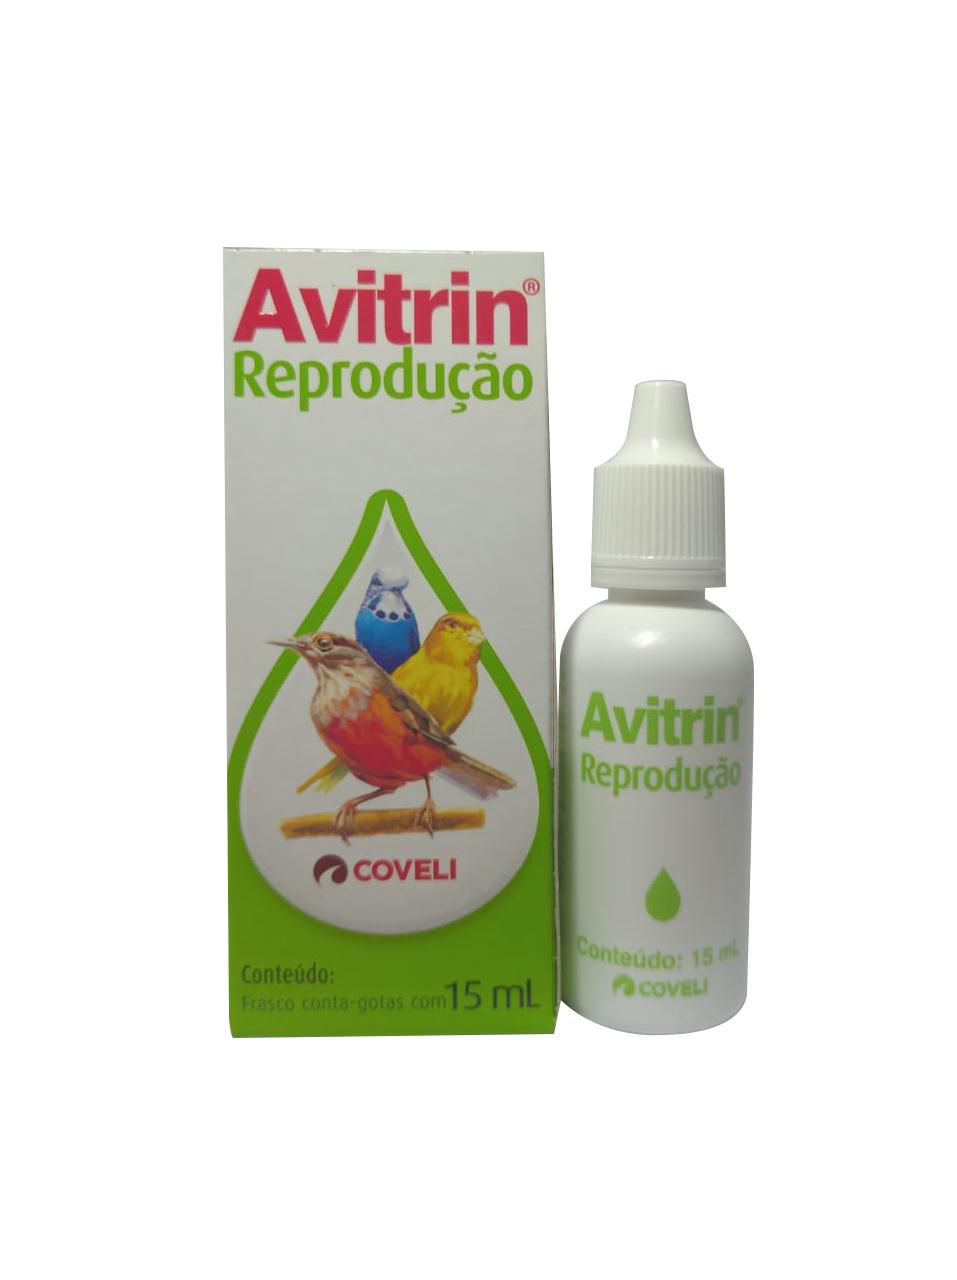 Avitrin Reprodução 15ml Aves Suplemento Vitamínico Coveli